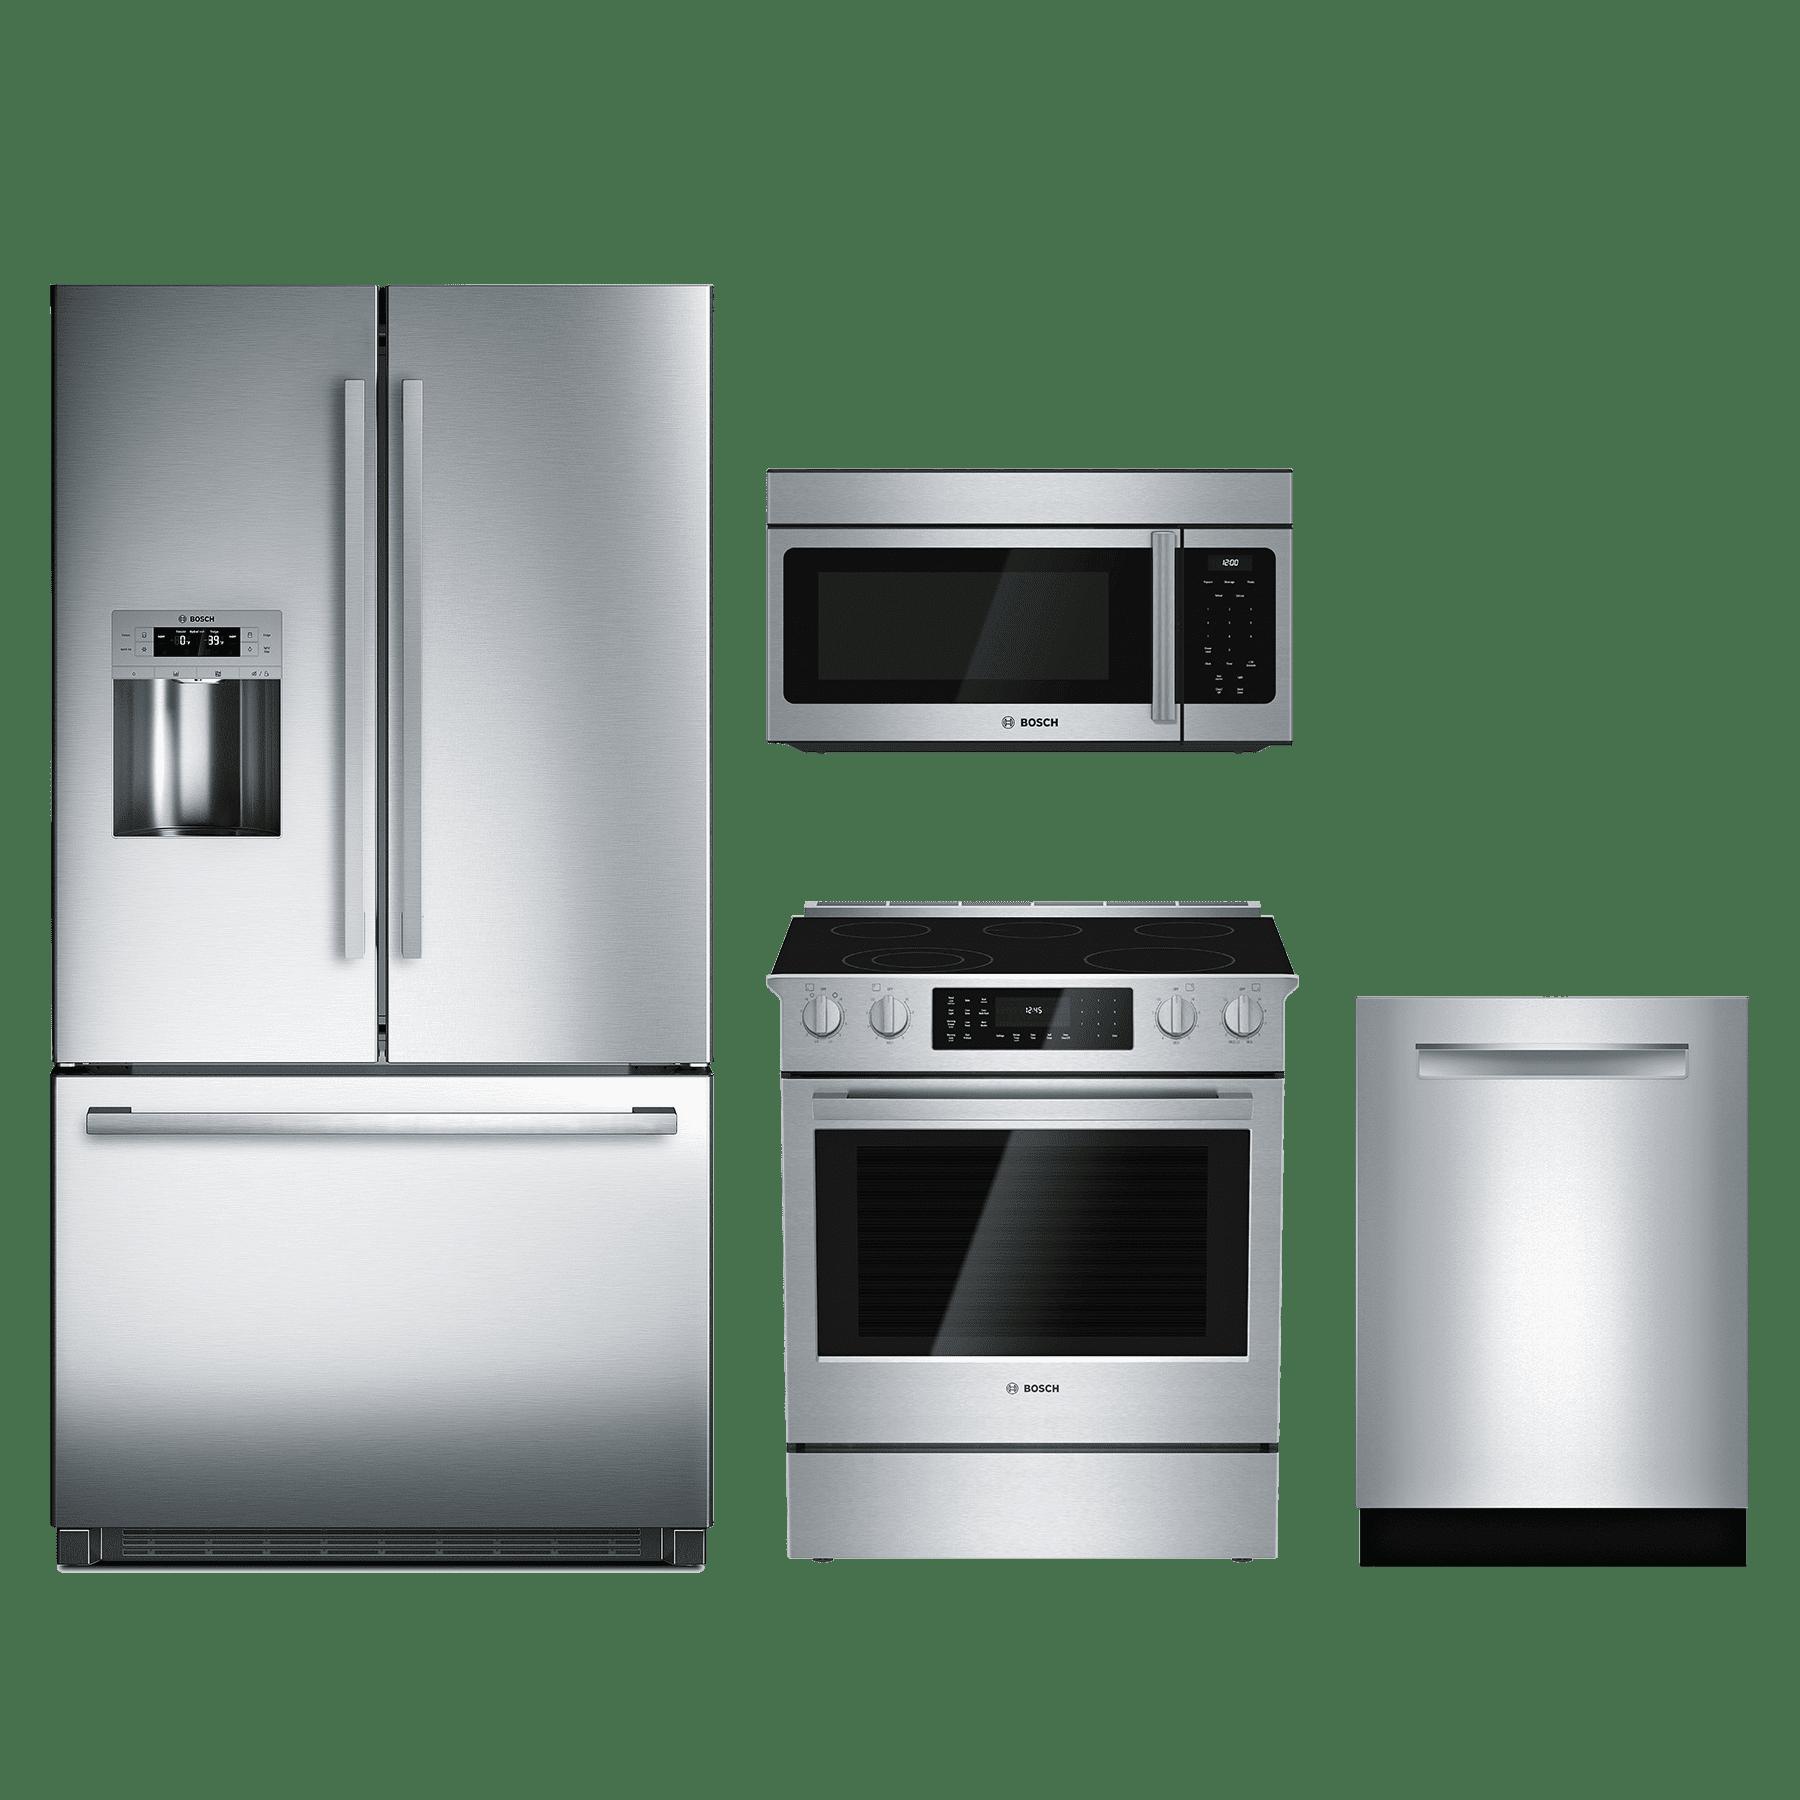 4 Piece Kitchen Appliance Package: Bosch 800 Series 4 Piece Kitchen Package-Stainless Steel